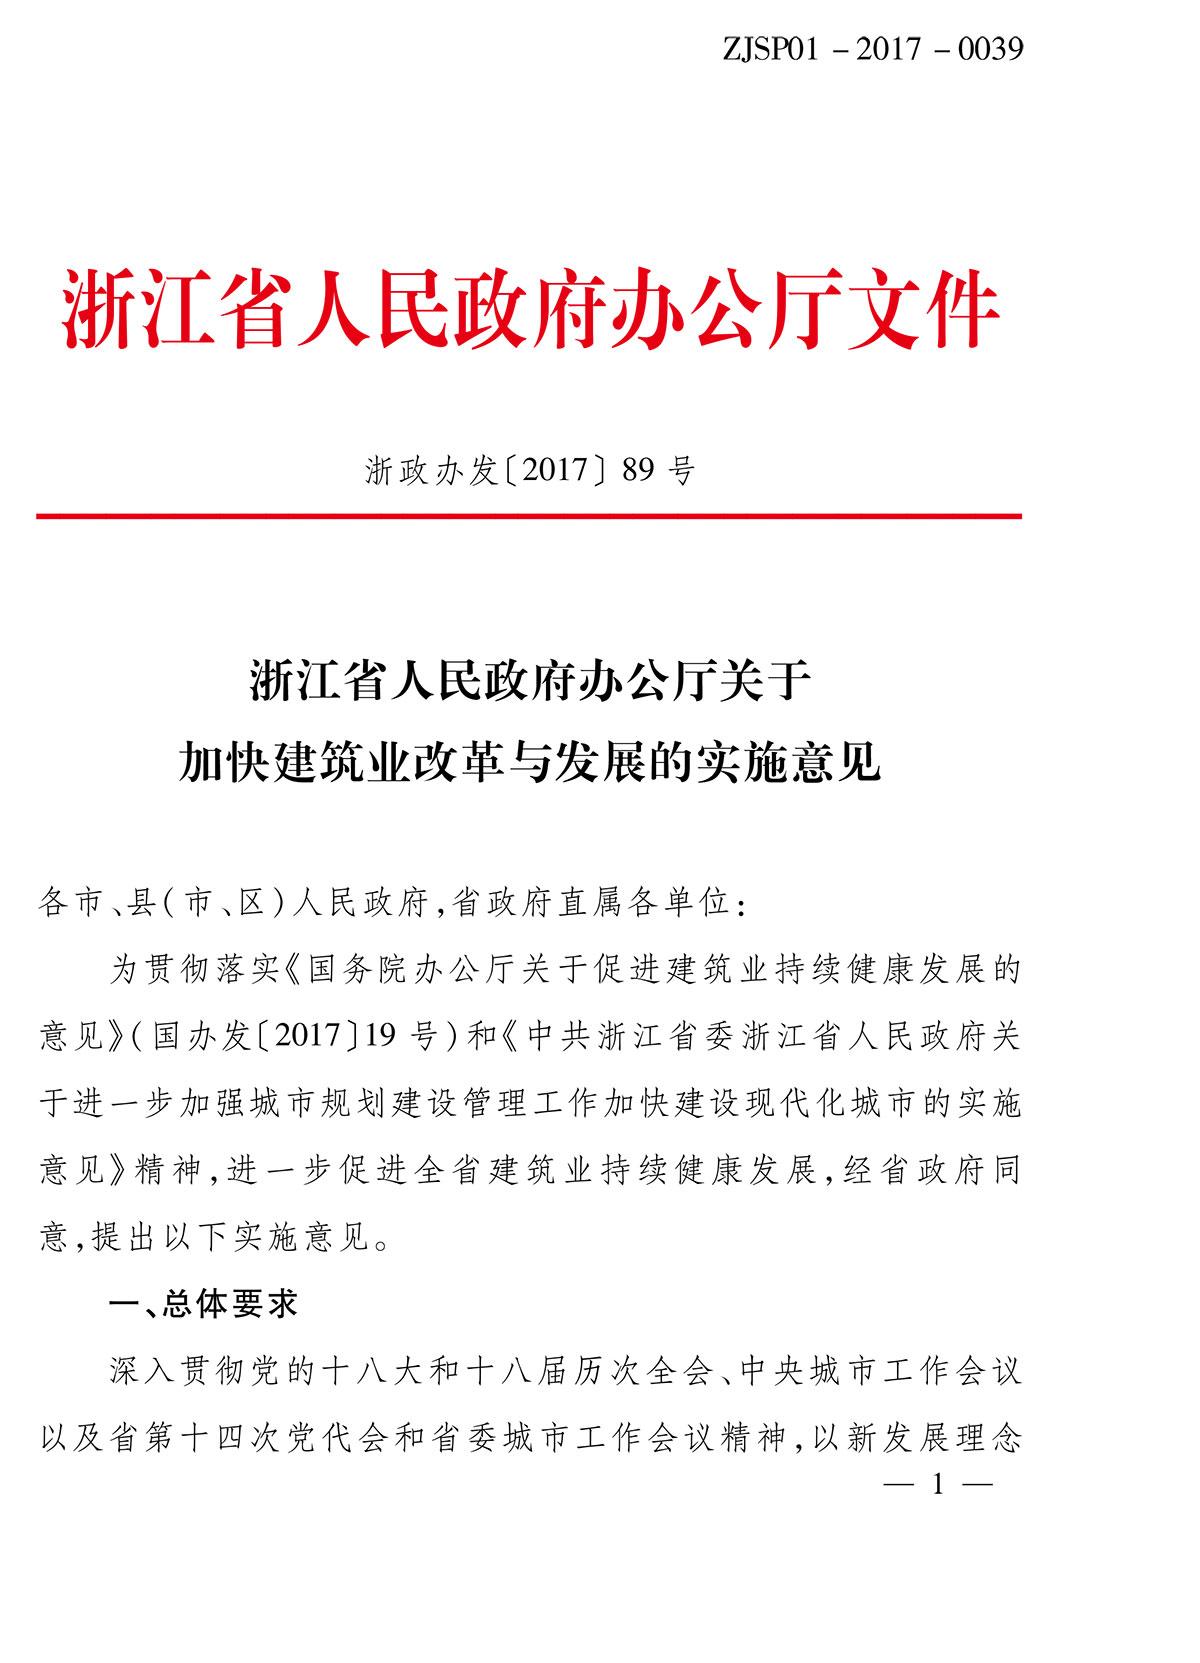 浙江省人民政府办公厅关于加快建筑业改革与发展的实施意见-1.jpg